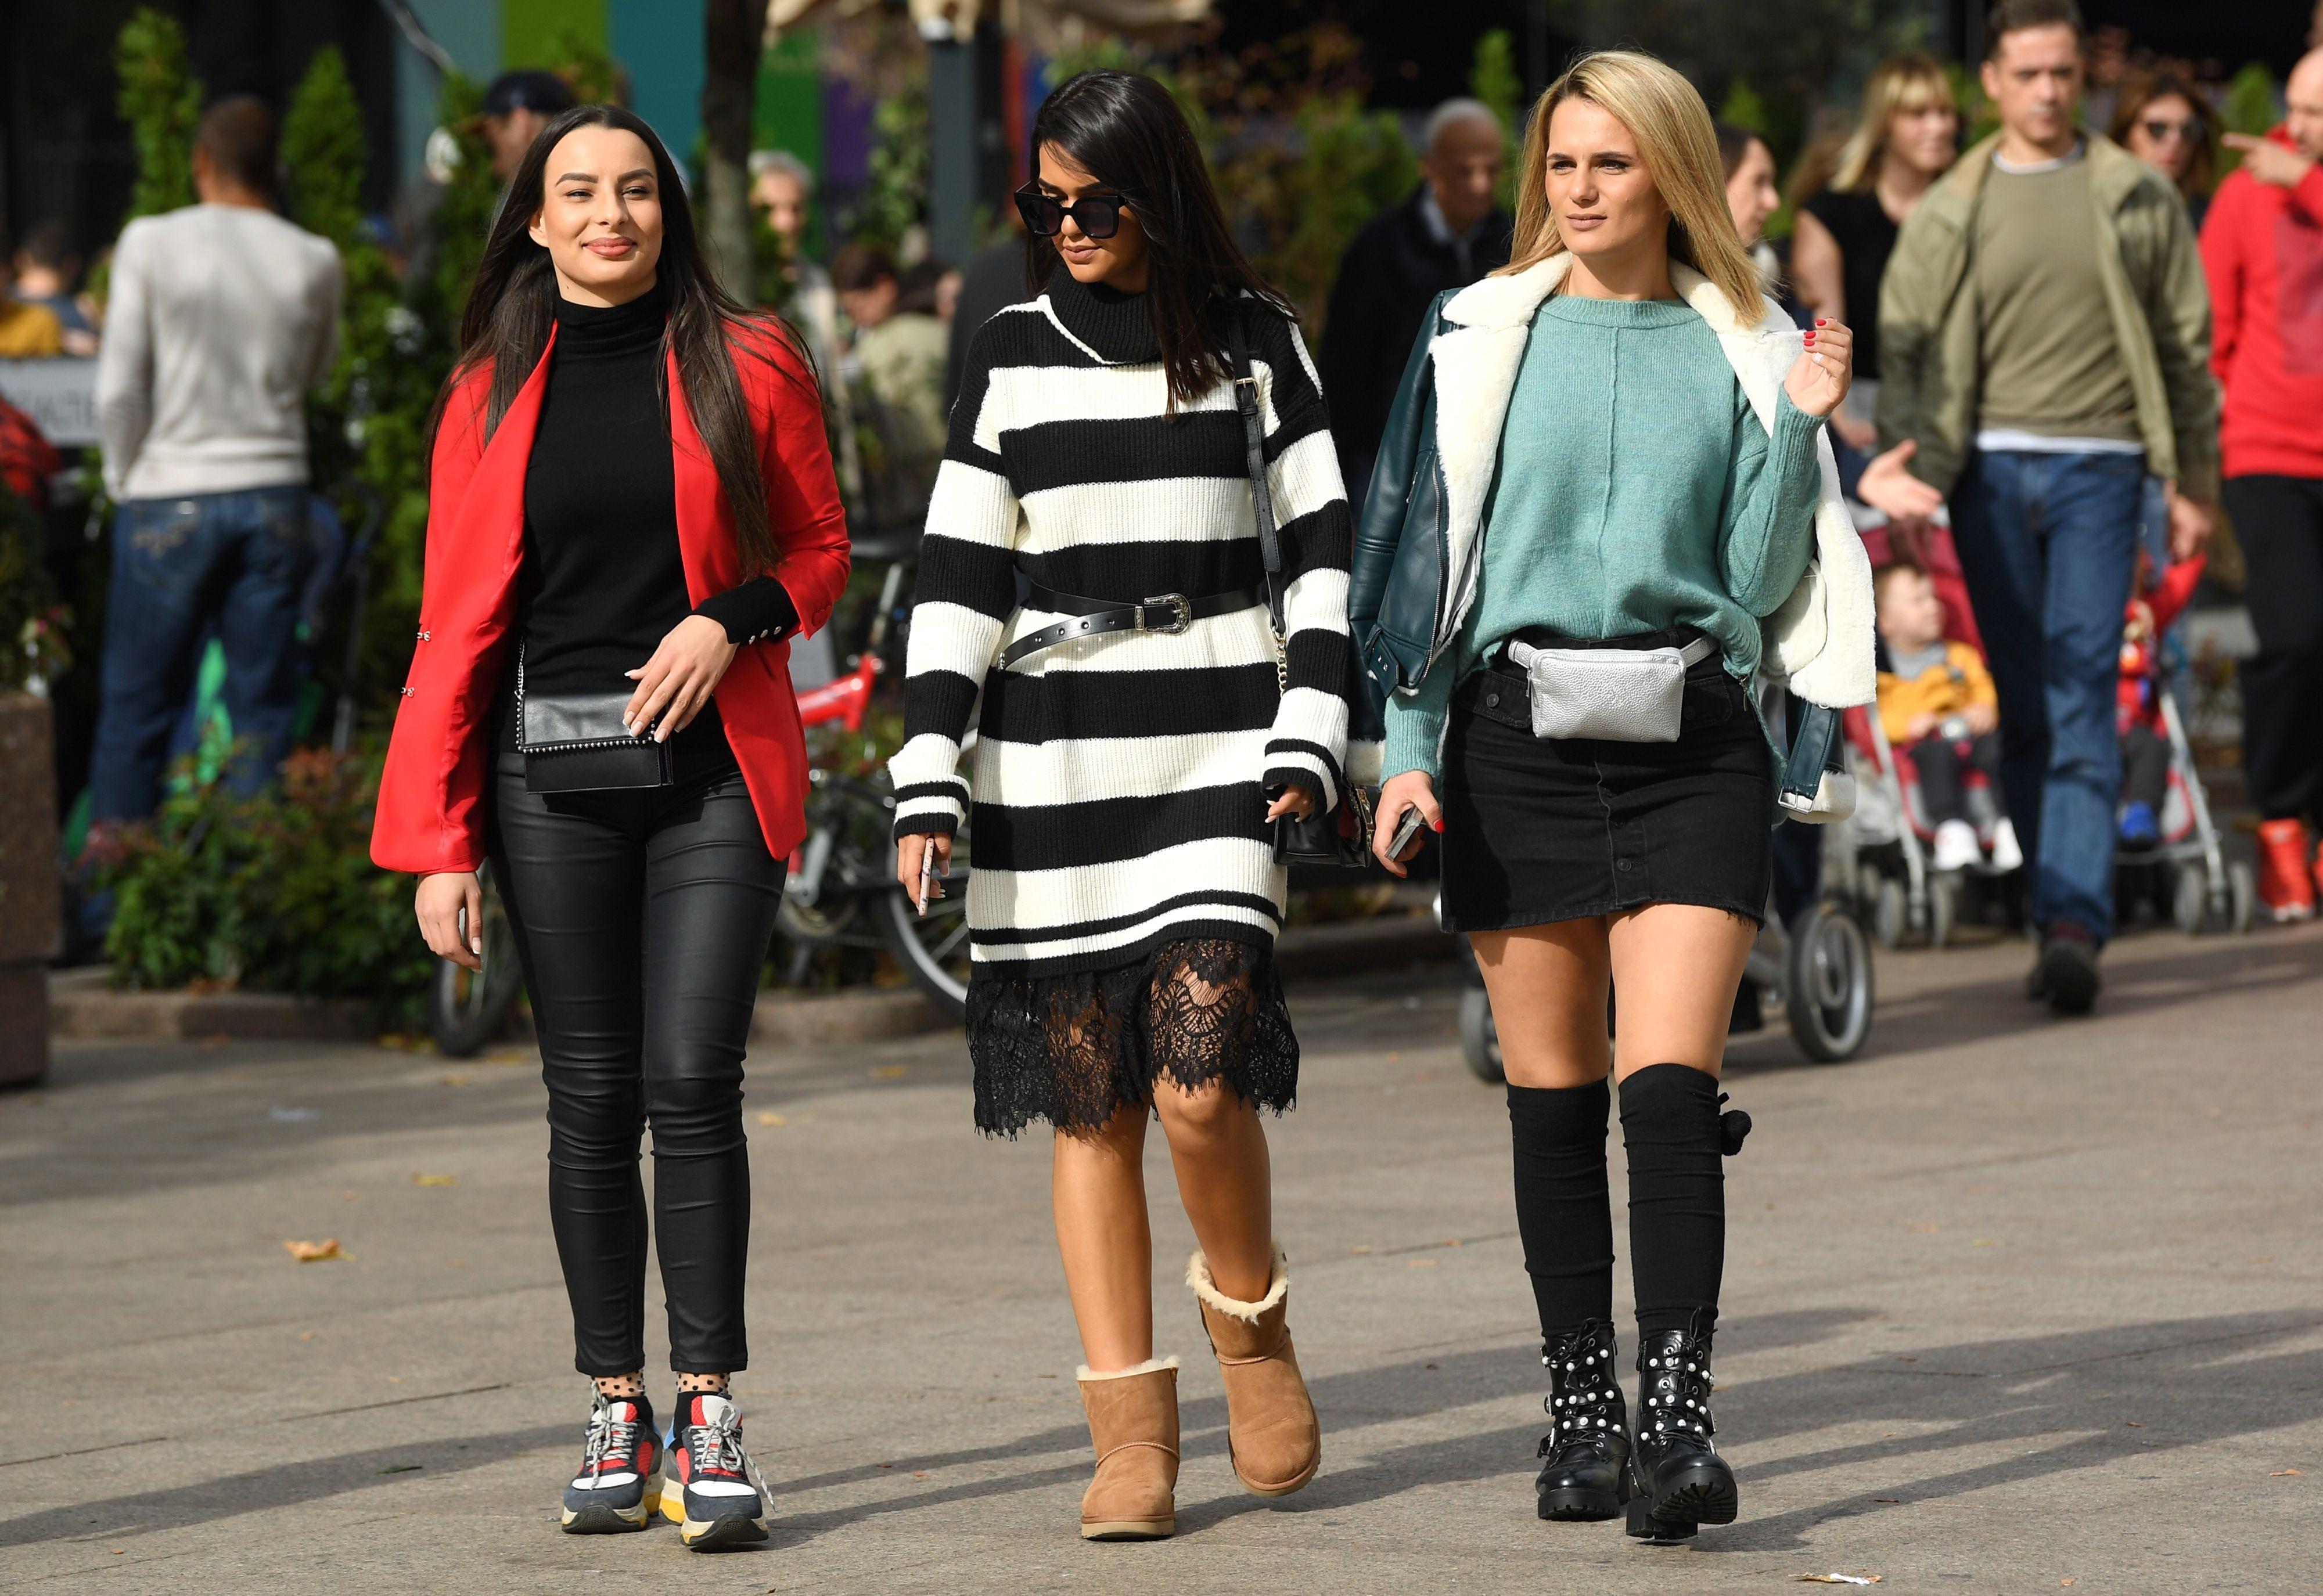 Kad su ove tri frendice prošle gradom, svi pogledi bili su uprti samo u njih!